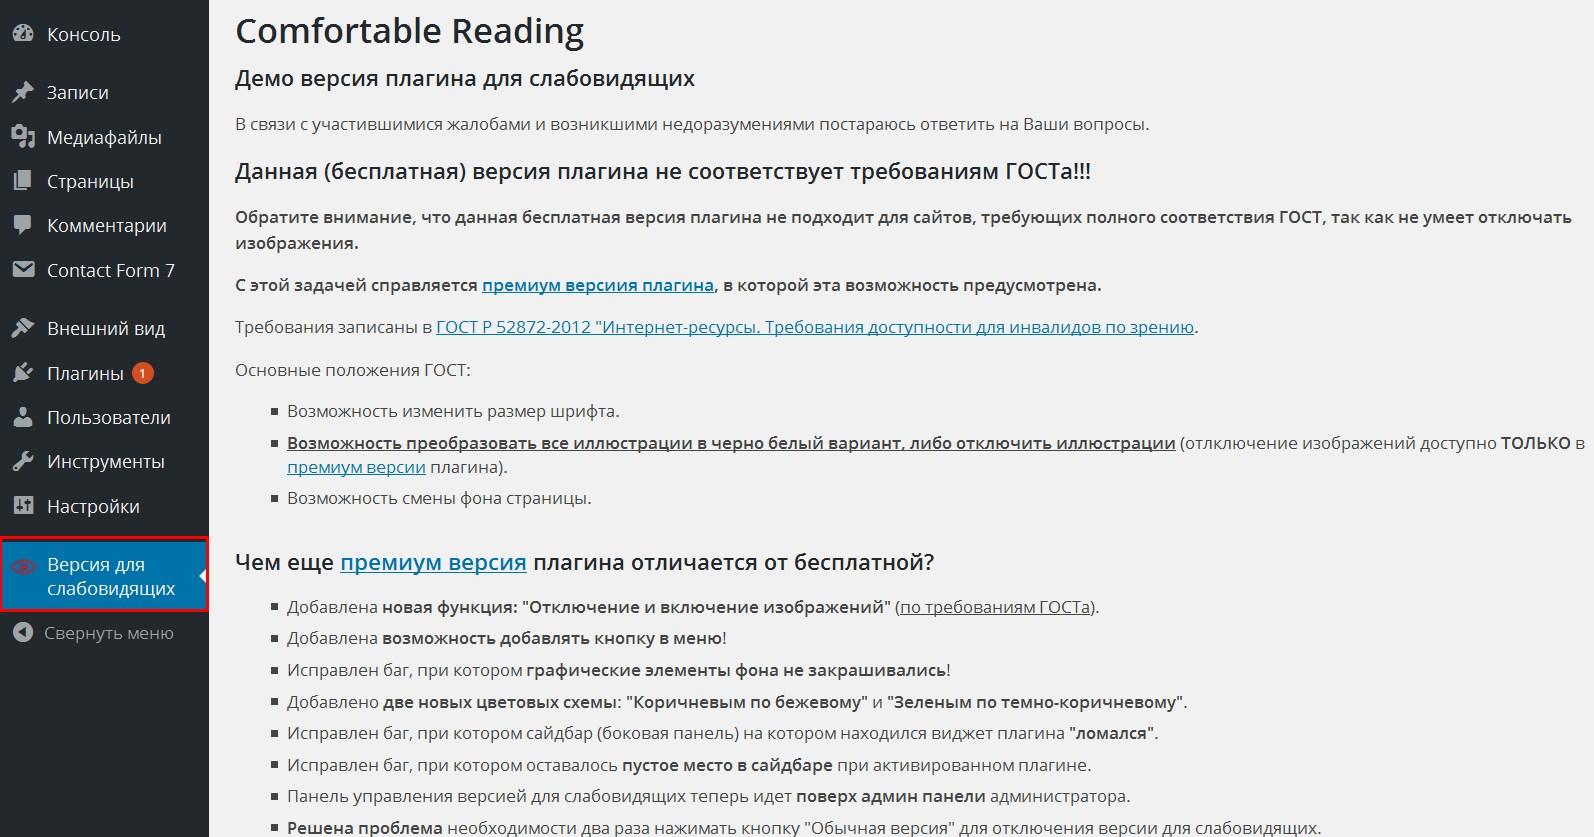 описание Comfortable Reading Premium